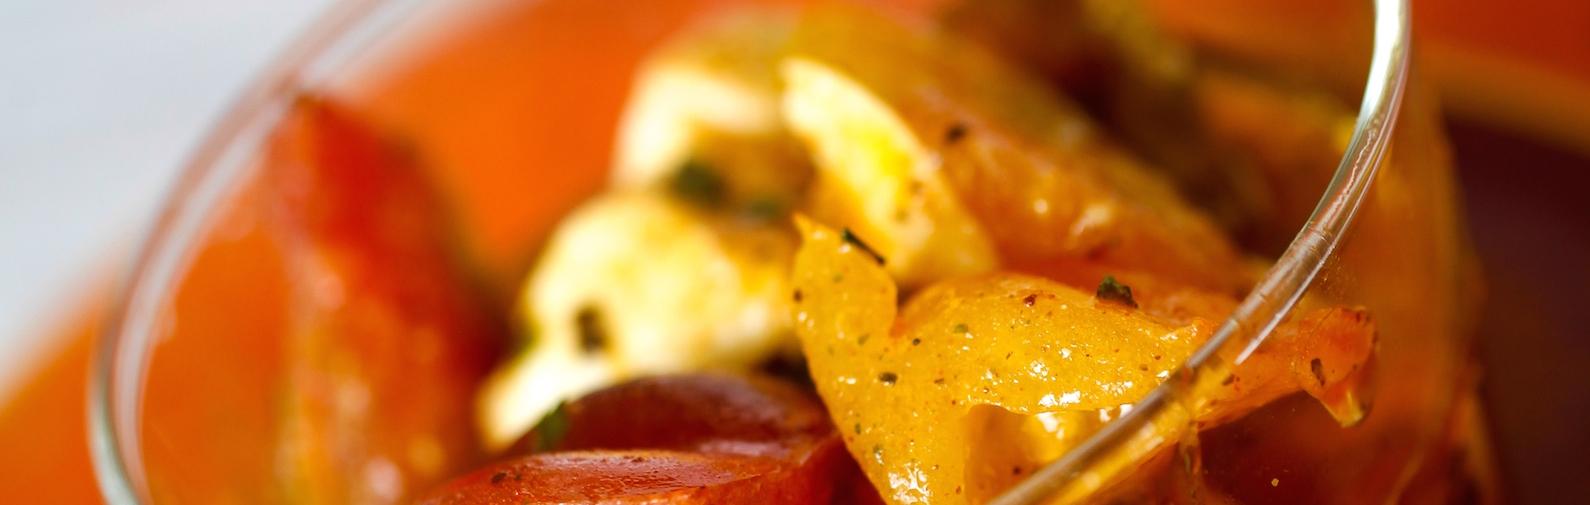 Mélange d'épices pour tomato salad